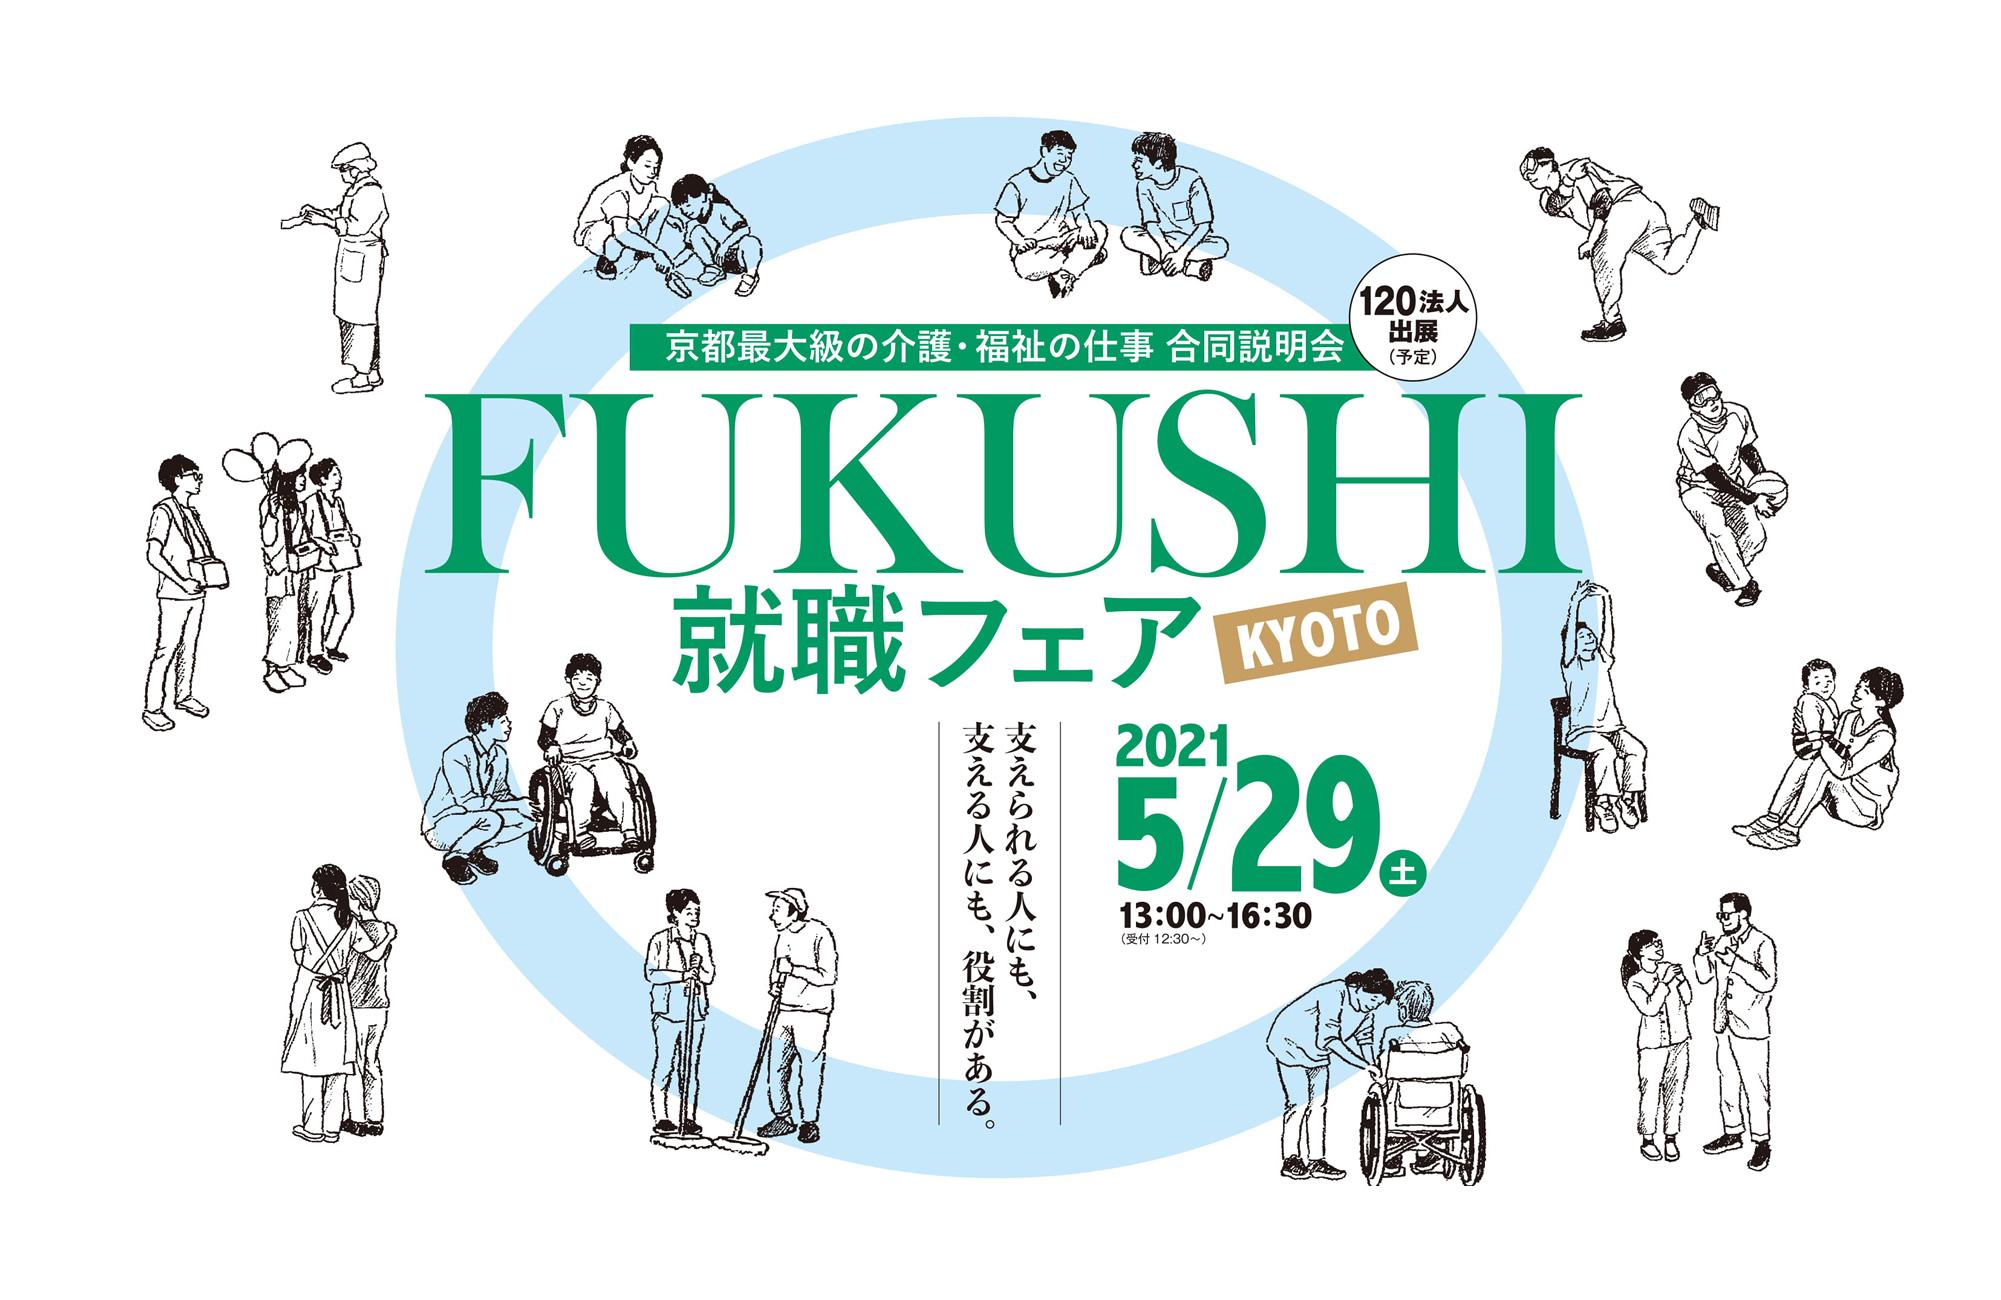 FUKUSHI就職フェアKYOTO